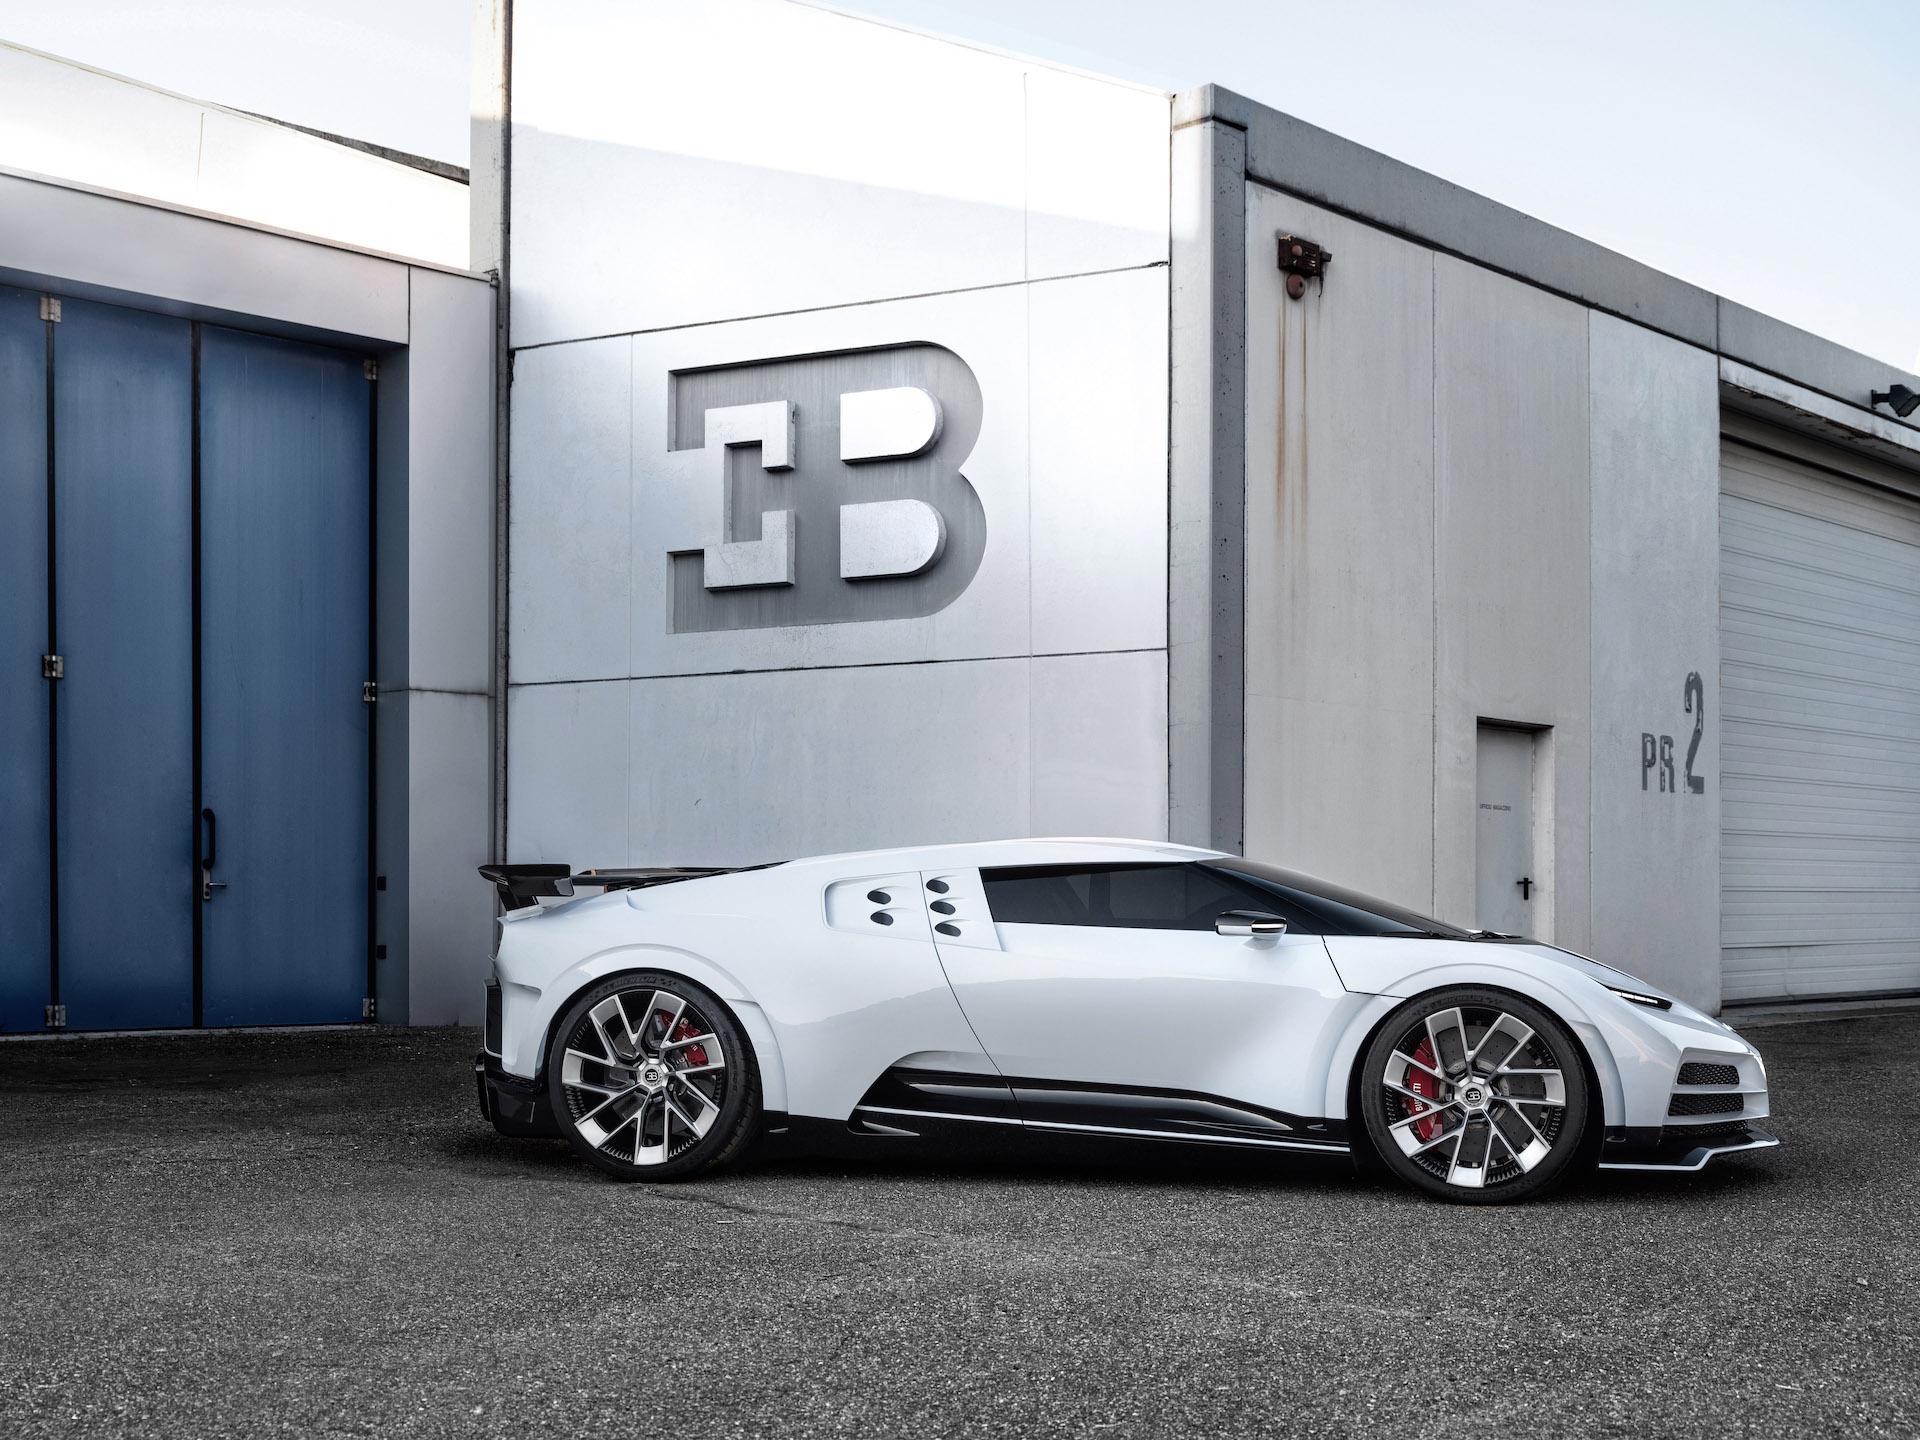 Cristiano Ronaldo Tipped As Buyer Of 8 9m Bugatti Centodieci